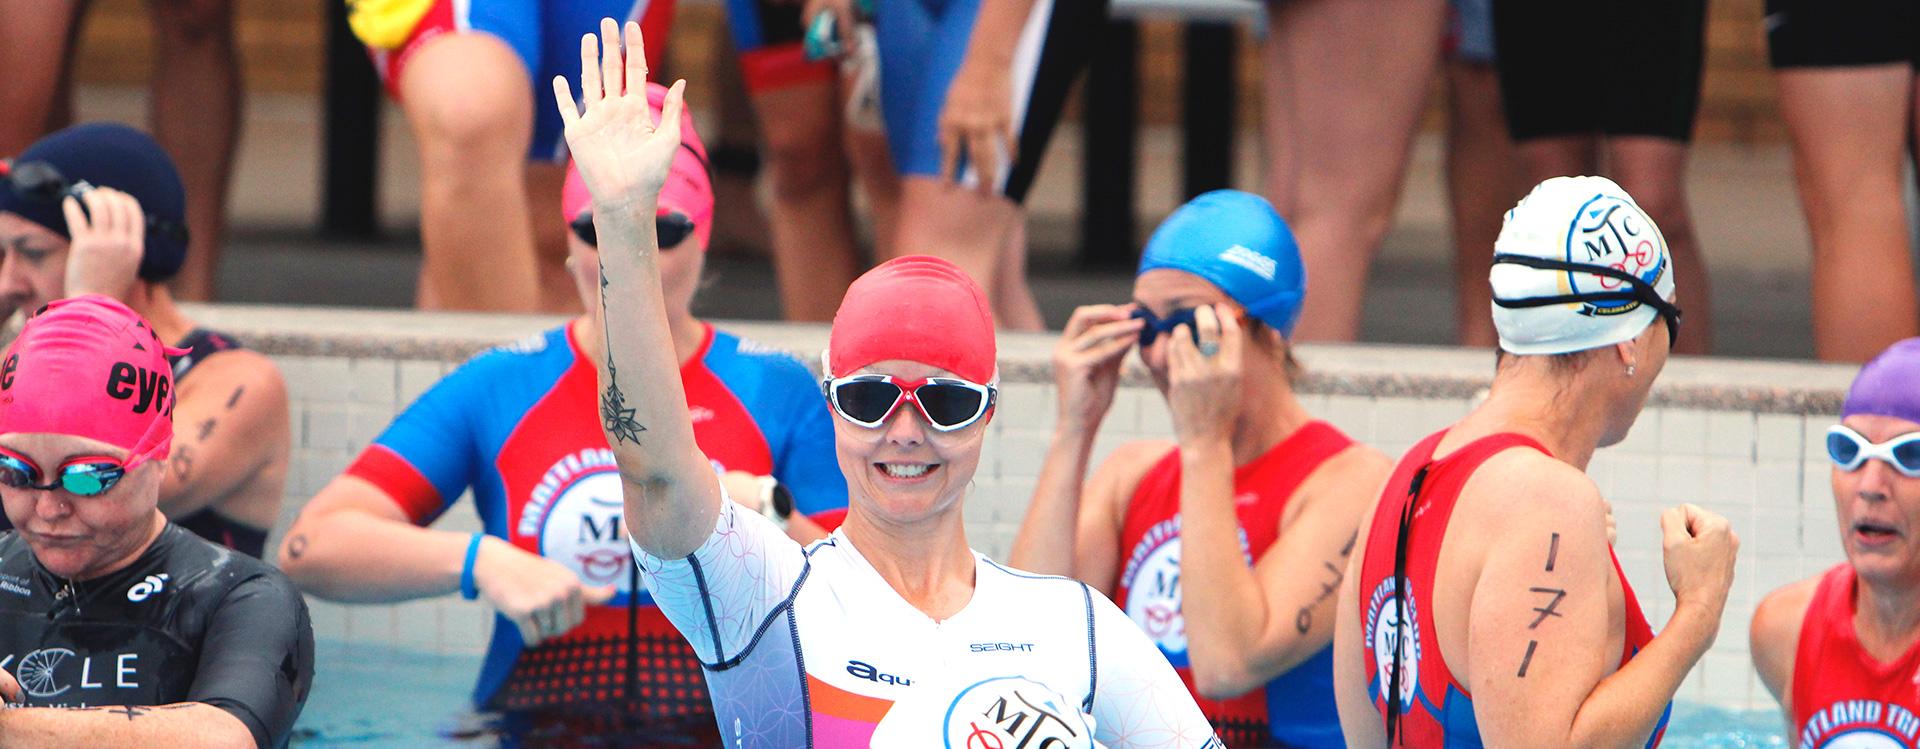 race information women swim